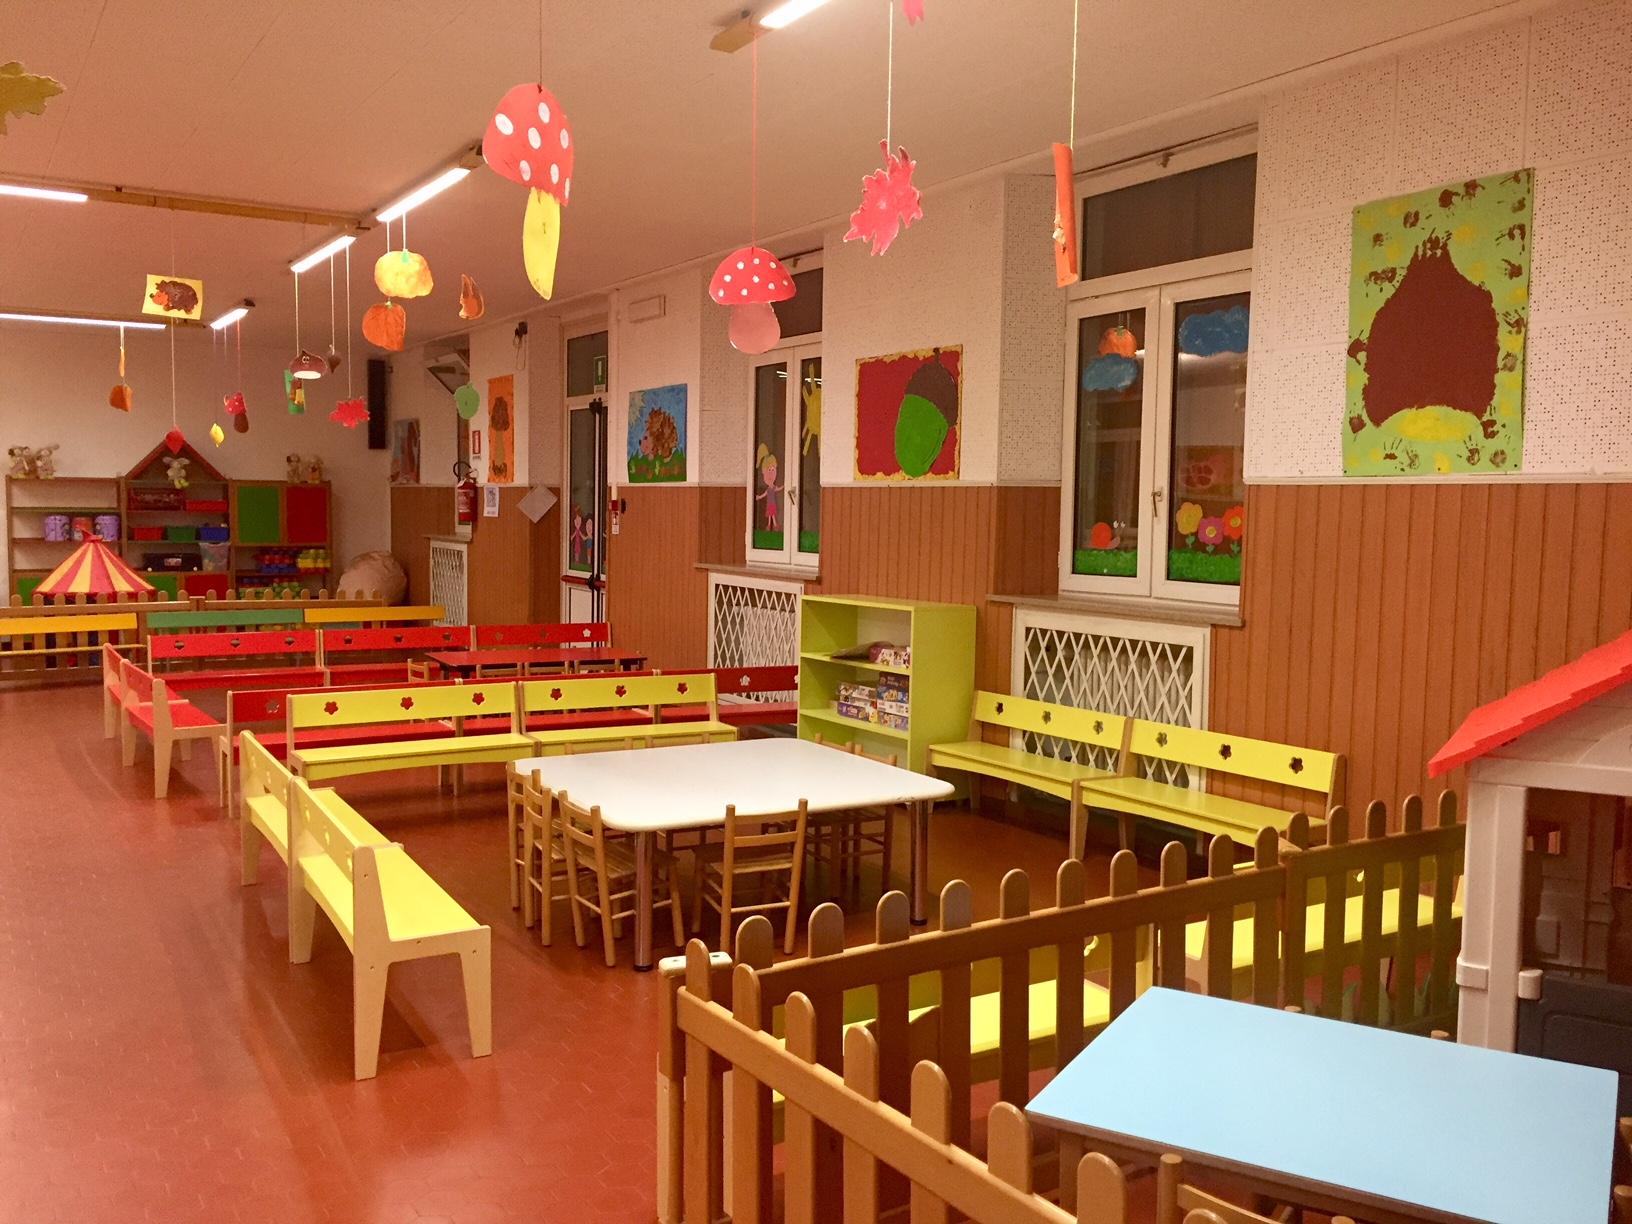 Il salone giochi della Scuola dell'Infanzia Prospero Alpino di Marostica